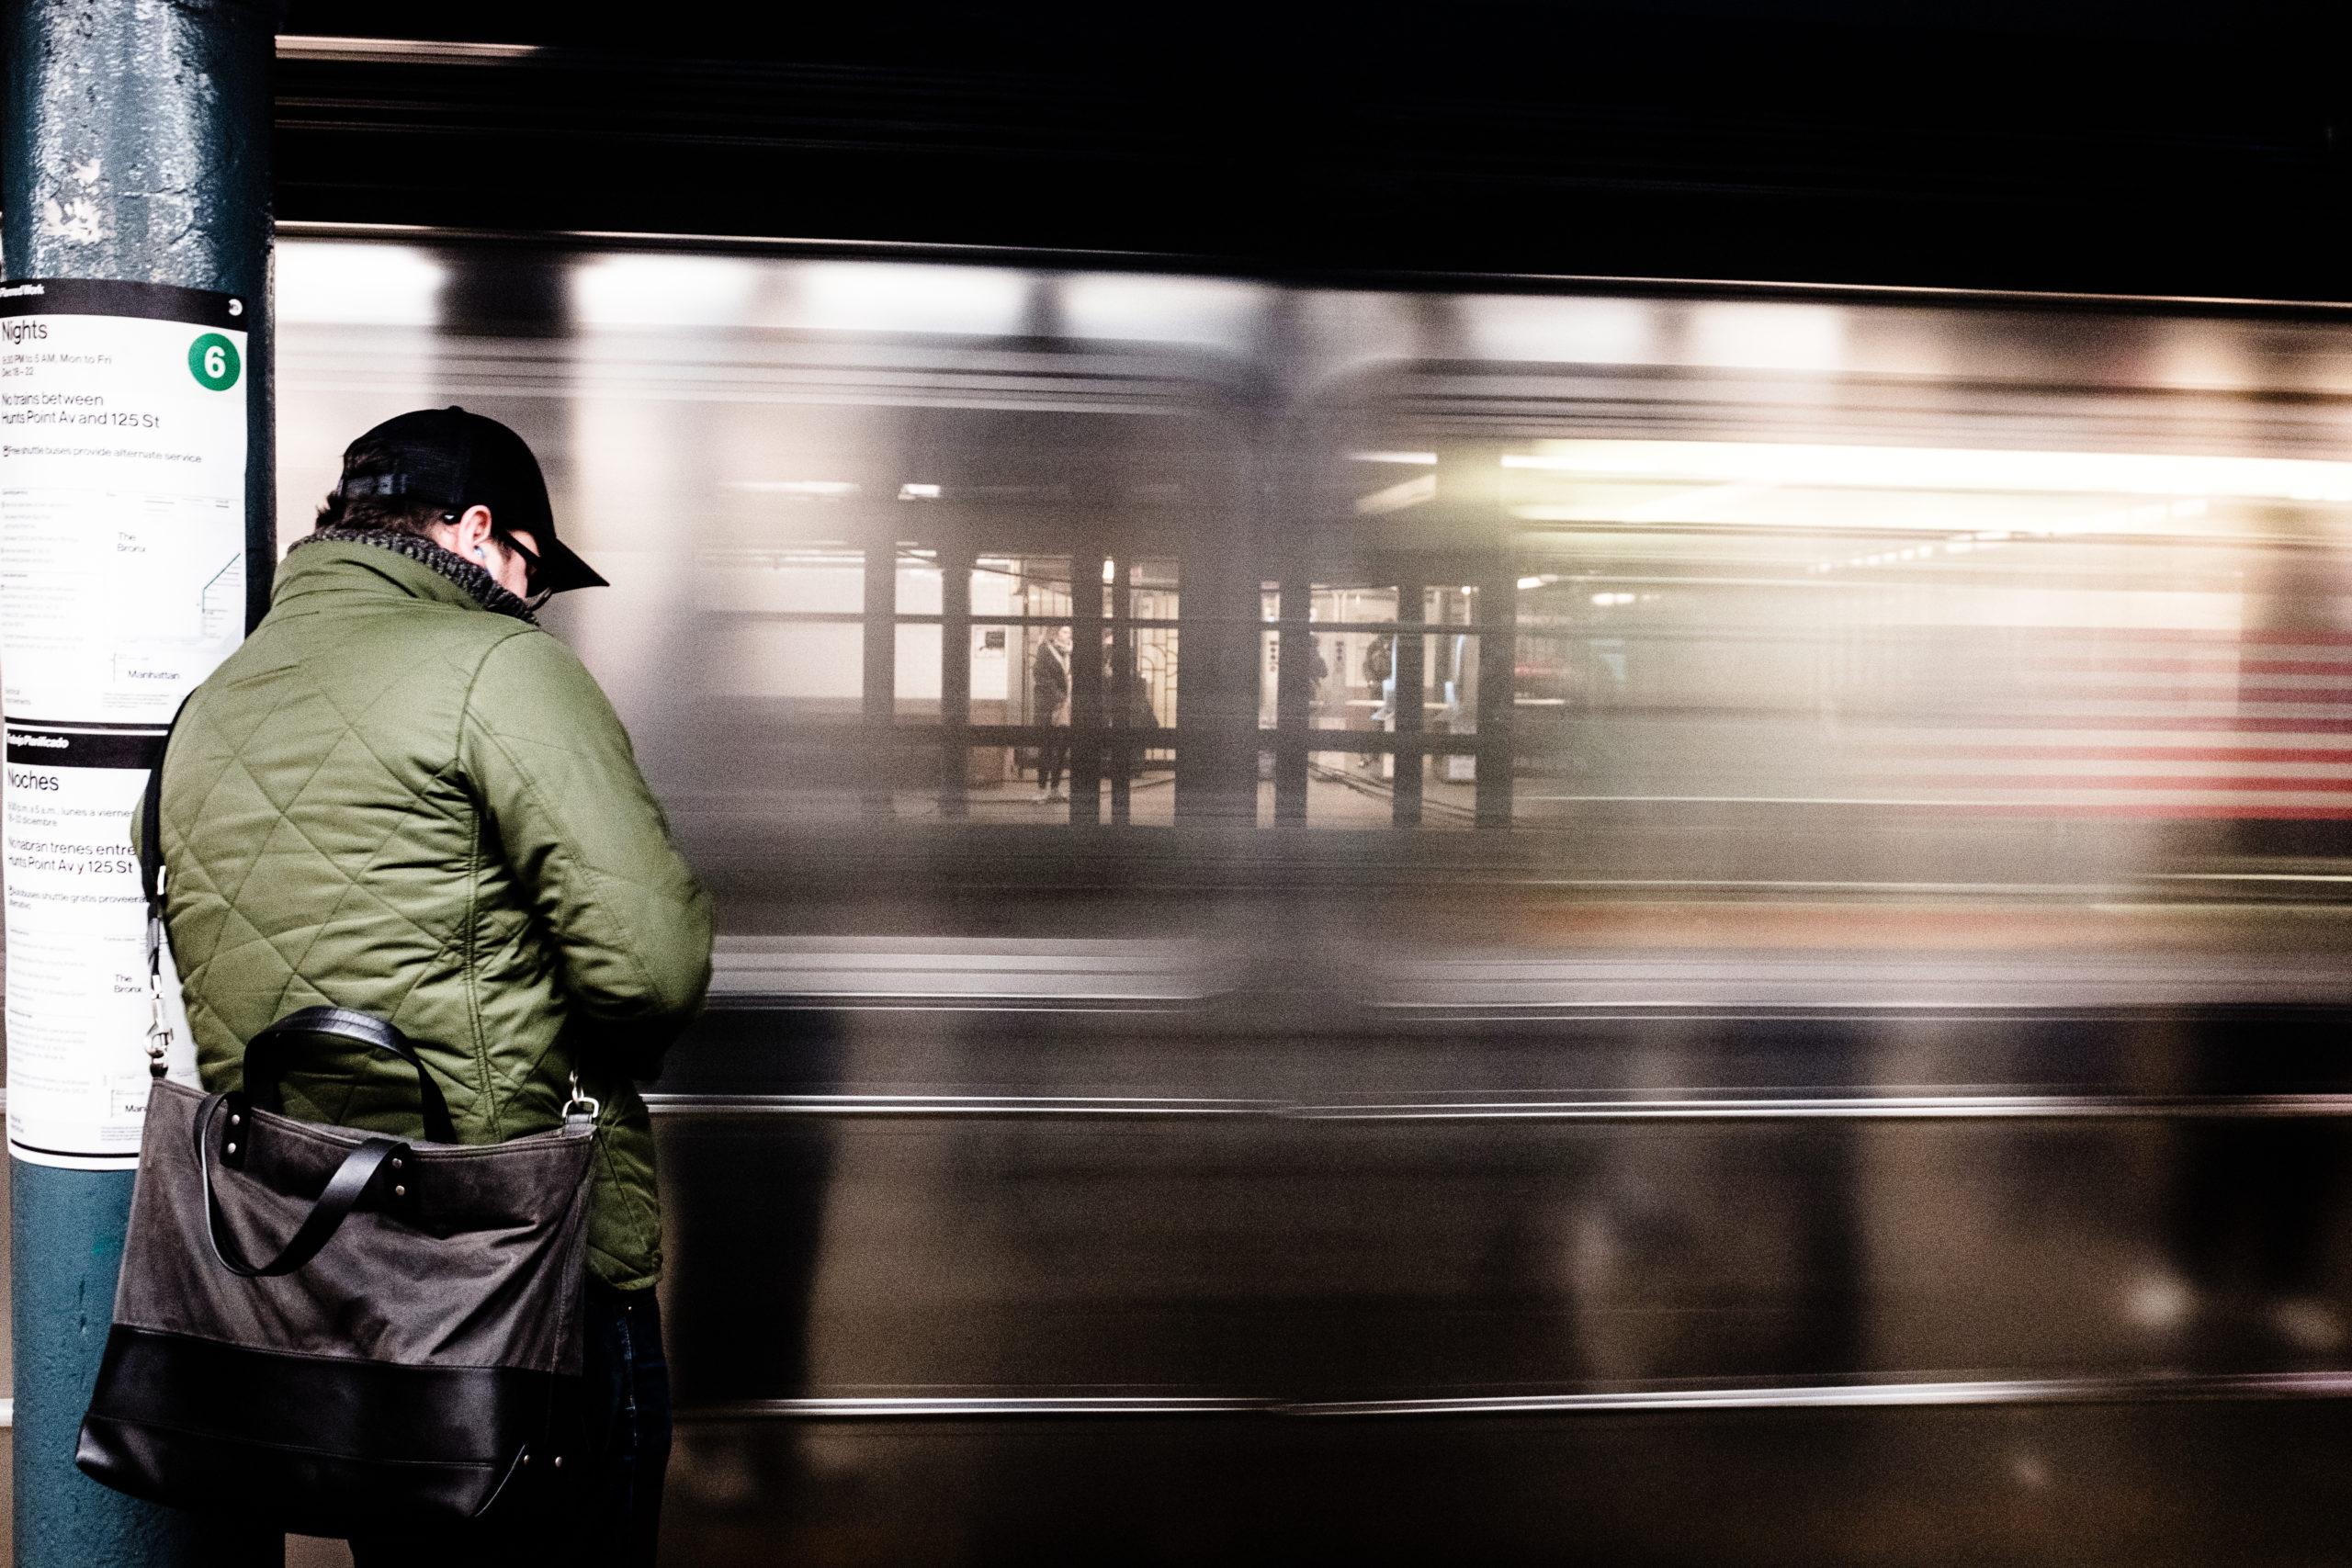 man underground subway